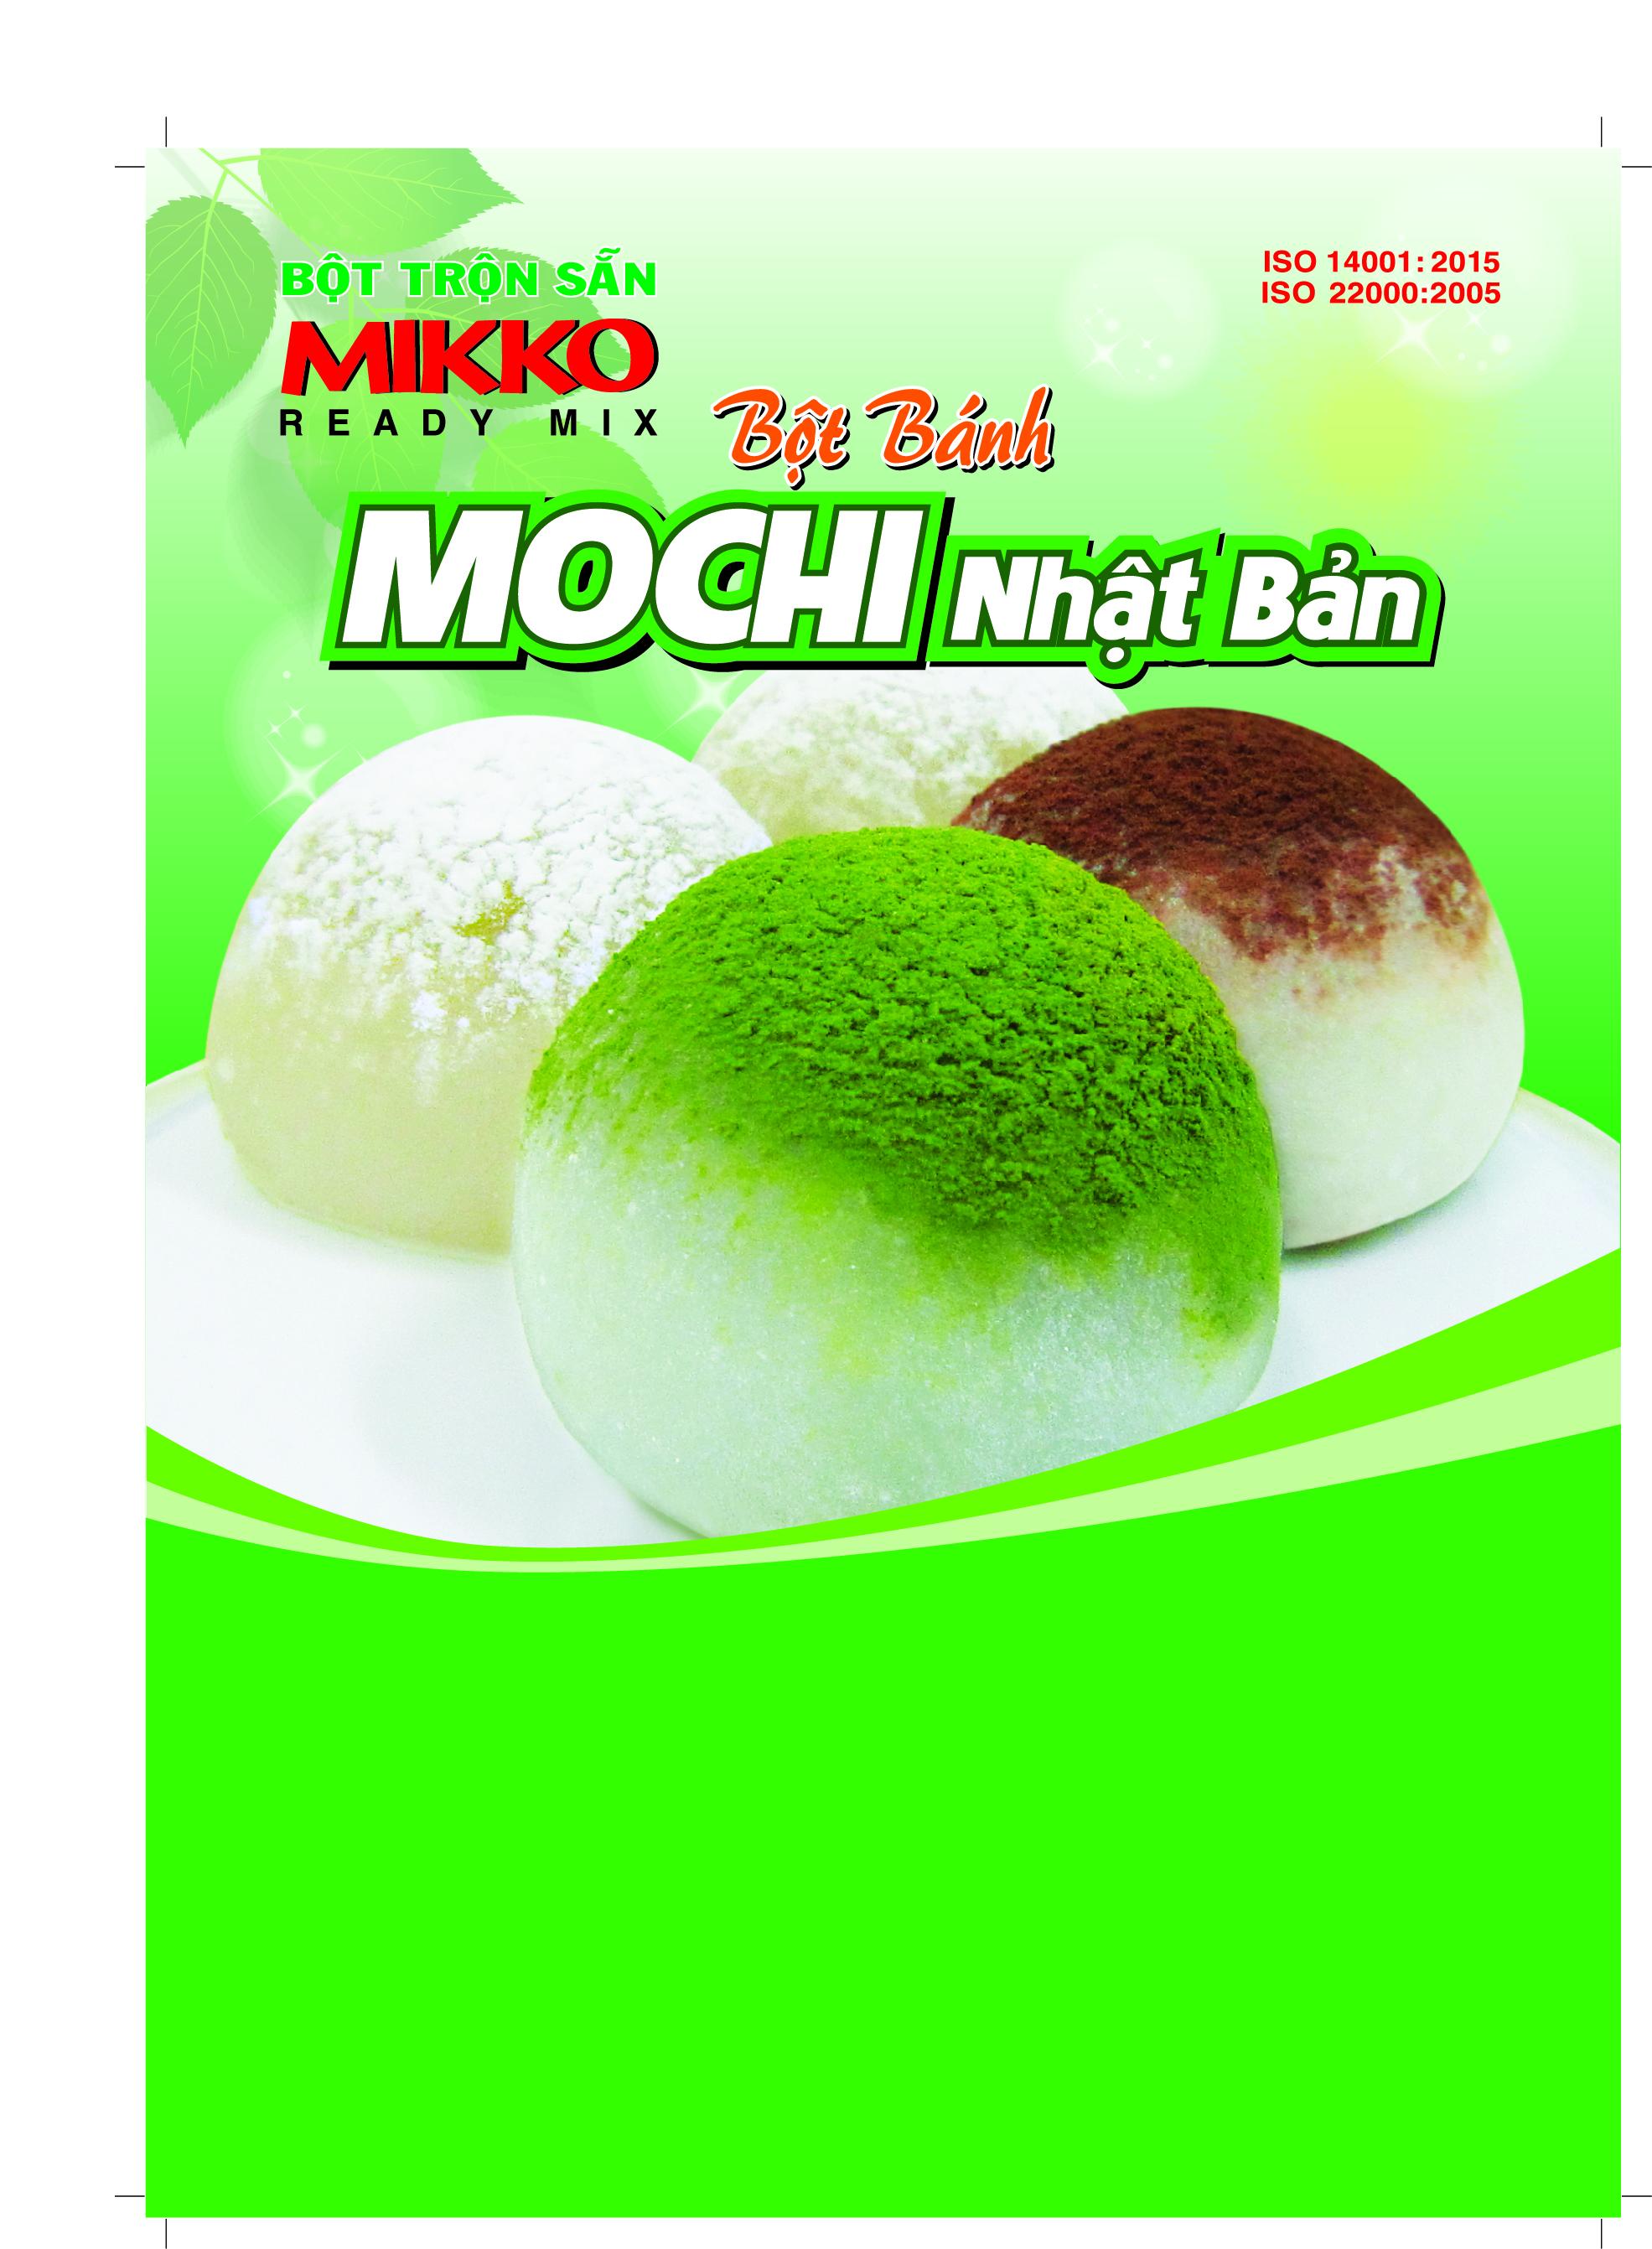 bot-banh-mochi-mikko